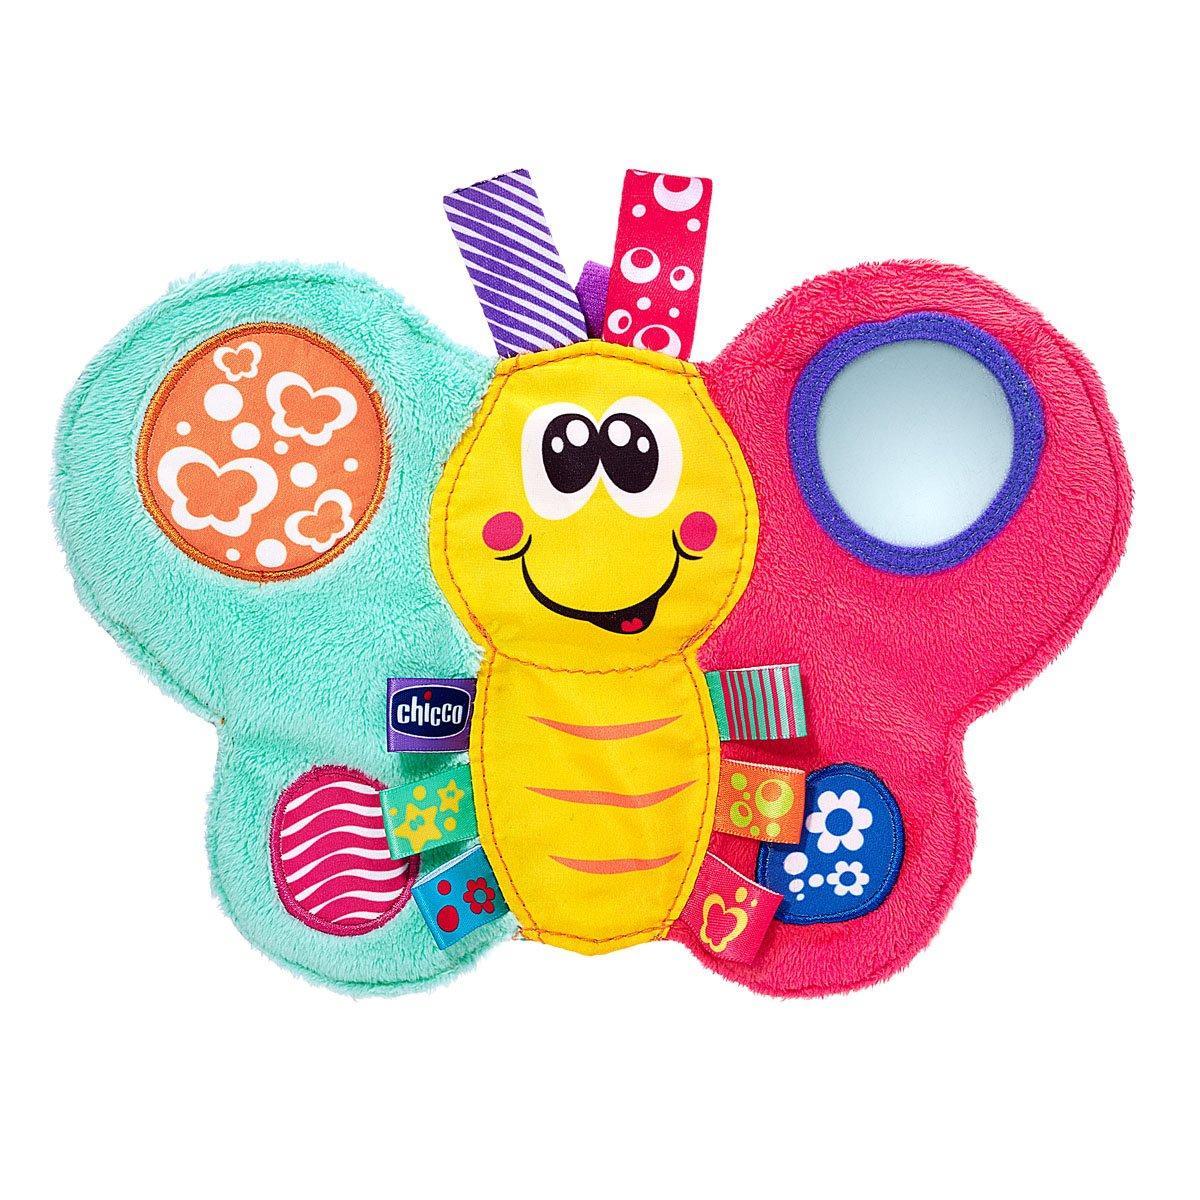 М'яка іграшка Chicco Метелик Дейзі